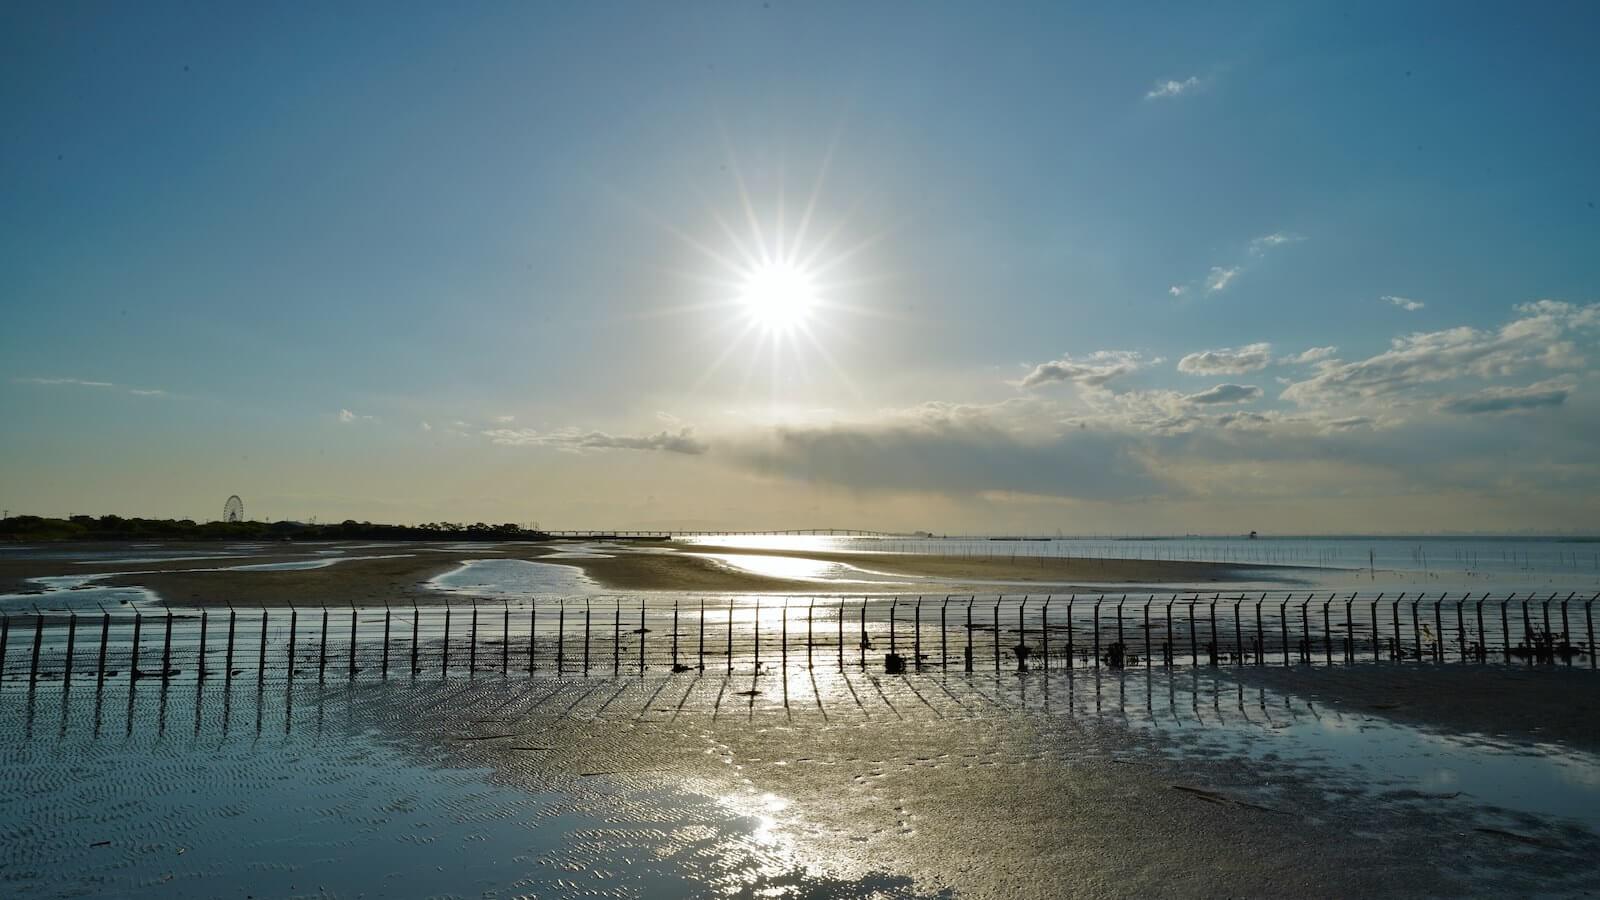 Kaneda coastal photo with the tide